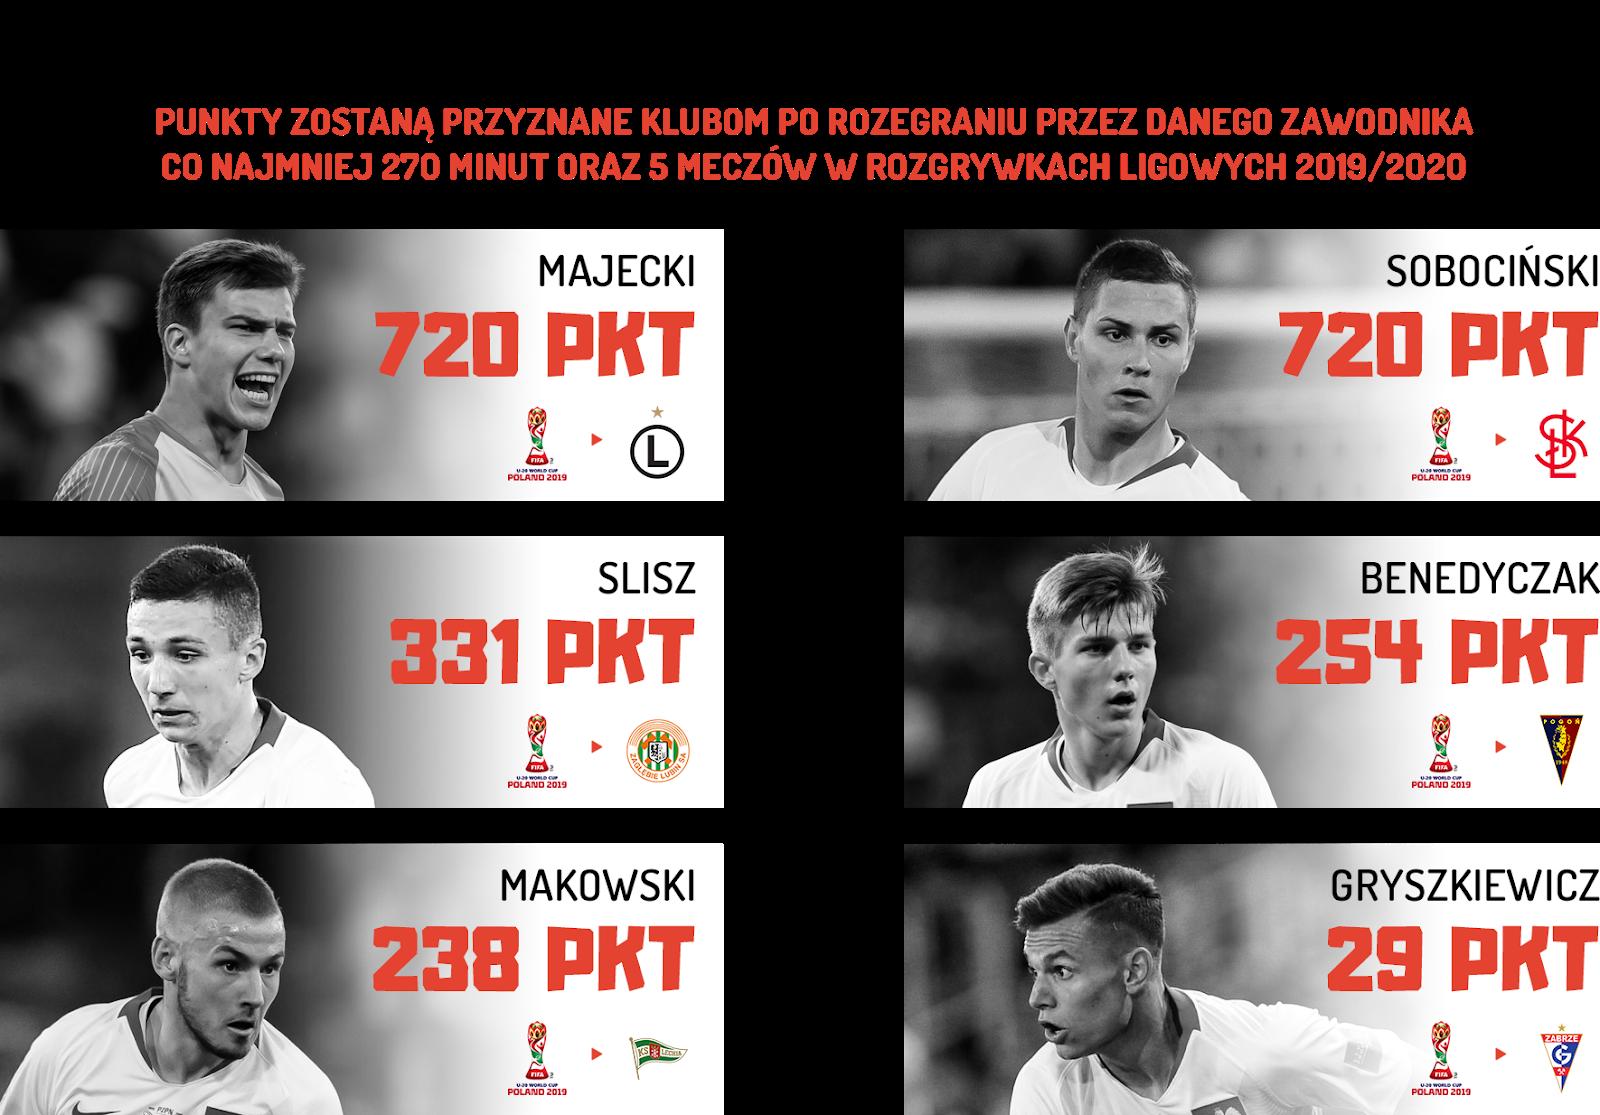 Dodatkowe punkty do klasyfikacji Pro Junior System za występy młodzieżowców podczas Mistrzostw Świata do lat 20<br><br>Źródło: Opracowanie własne na podstawie 90minut.pl<br><br>fot. Getty Images<br><br>graf. Bartosz Urban